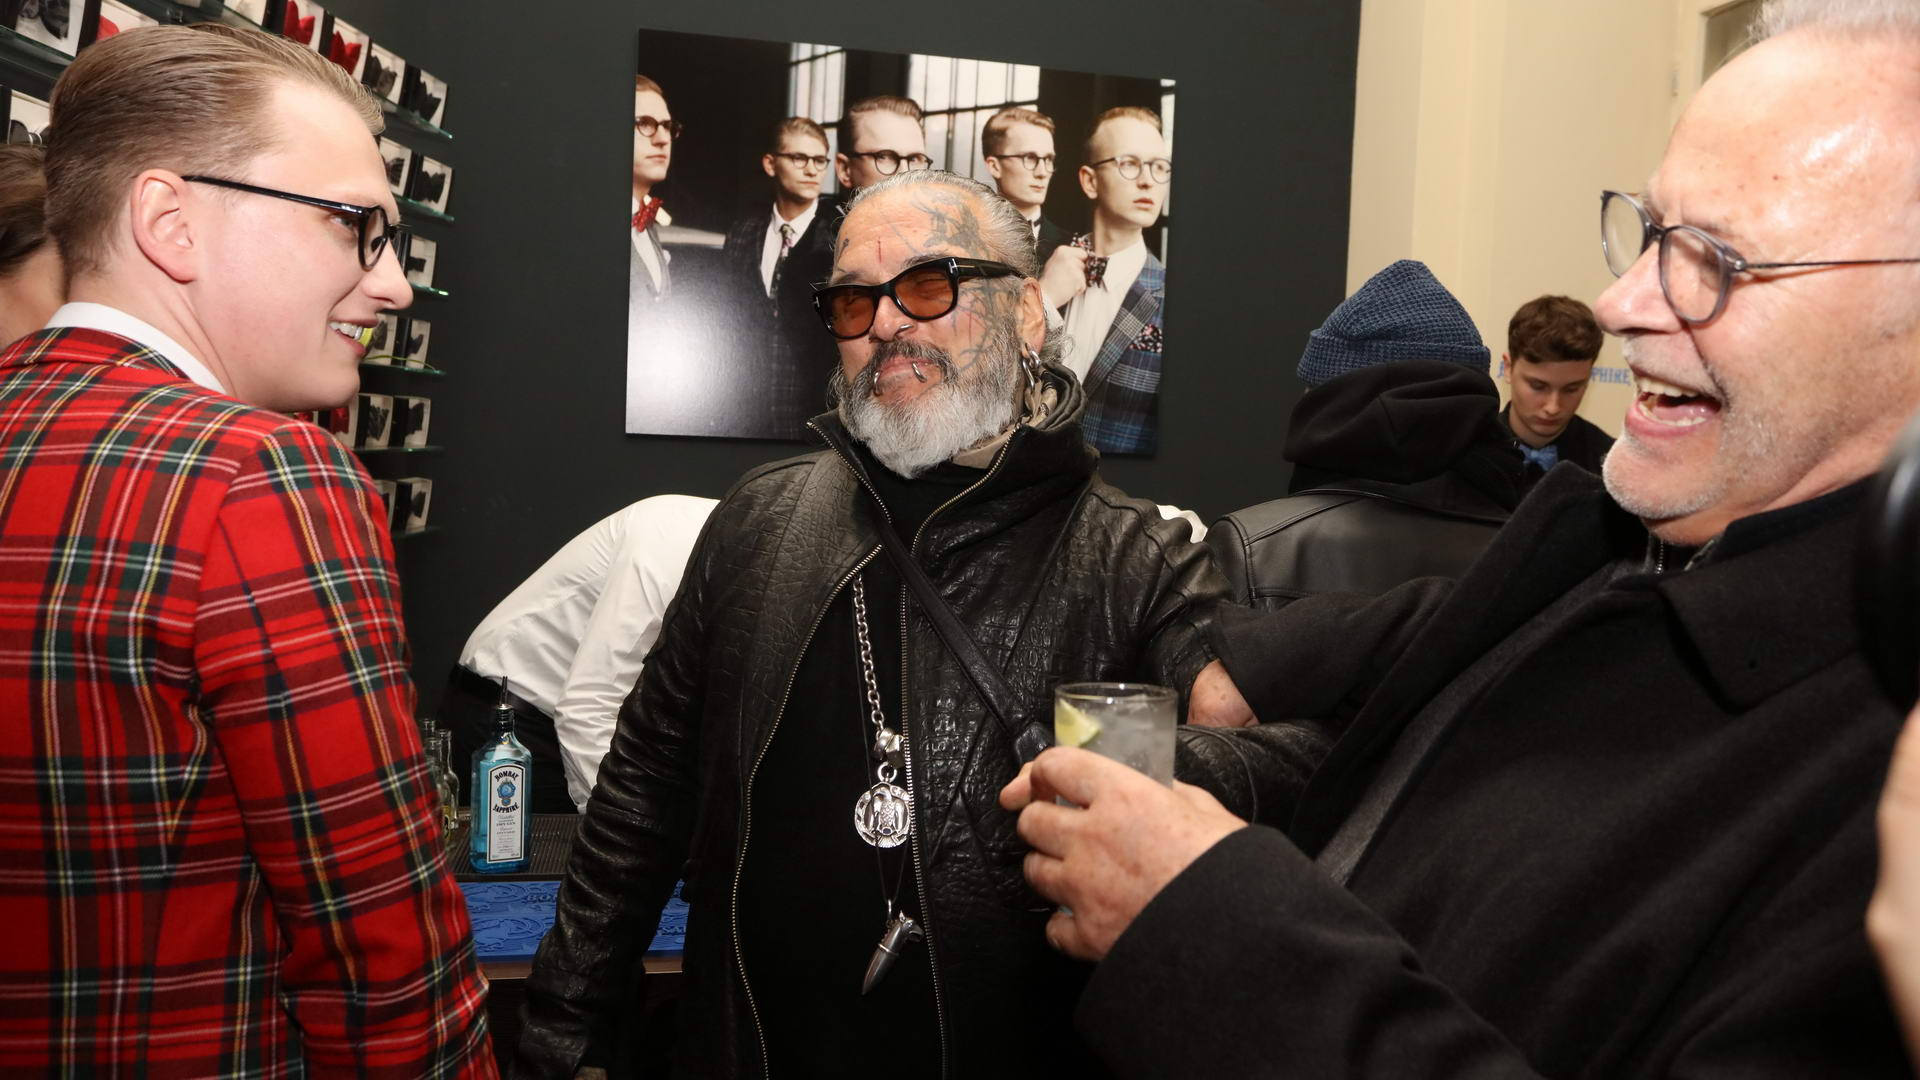 Jan Henrik Scheper Stuke, Sven Marquard Vernissage des diesjährigen Auerbach Kunstprojekts von Sven Marquardt in der POP-UP GALLERY in den Hackeschen Höfen, Hof 1 unter Anwesenheit des Künstlers.